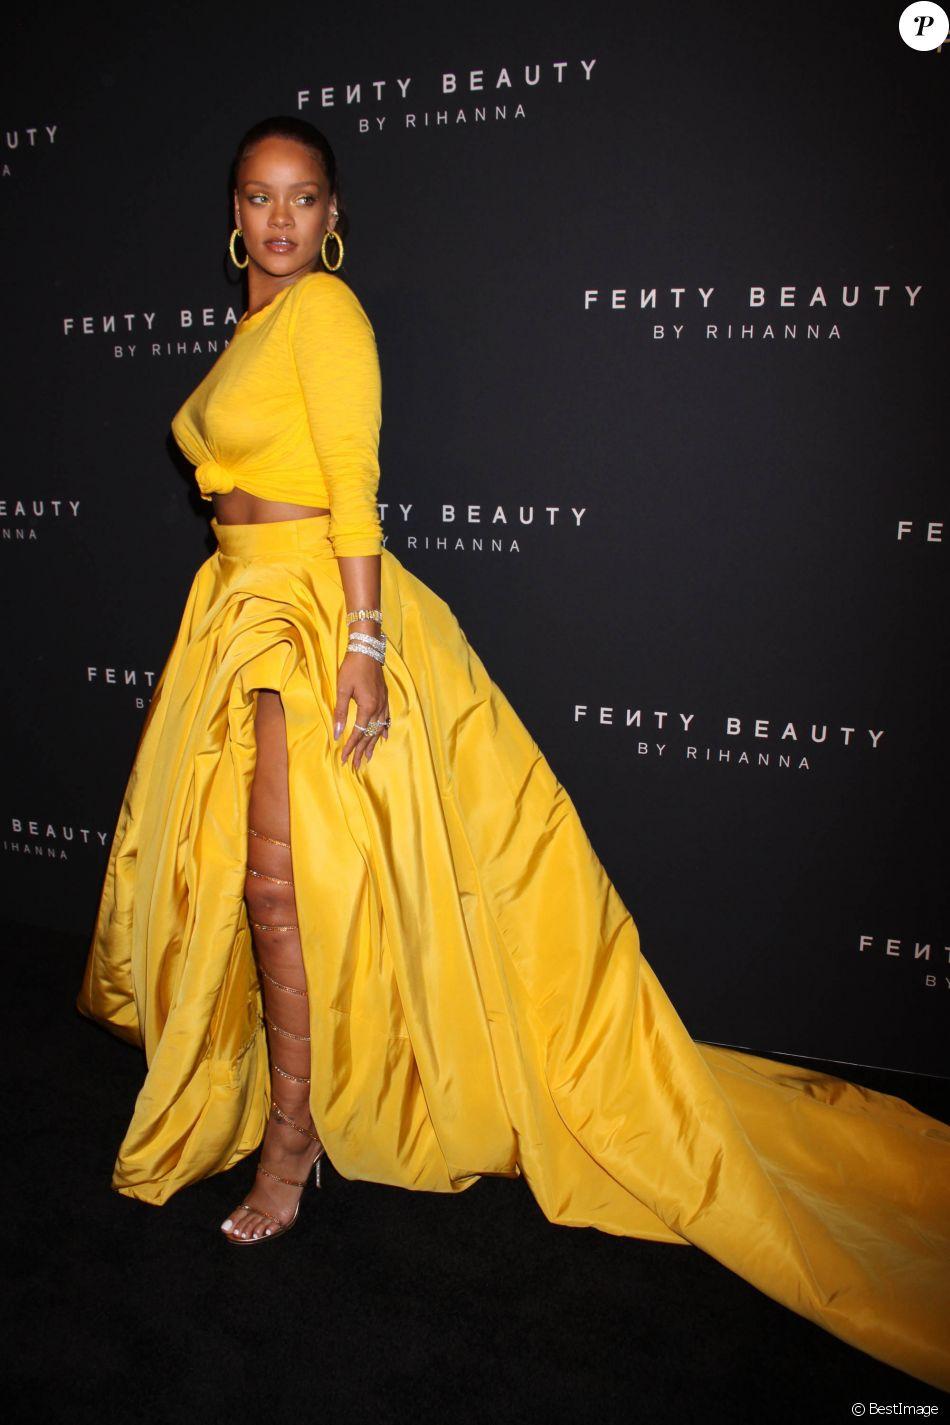 """Rihanna à la soirée de lancement de sa marque de produits de beauté """"Fenty Beauty by Rihanna"""" à New York, le 7 septembre 2017."""